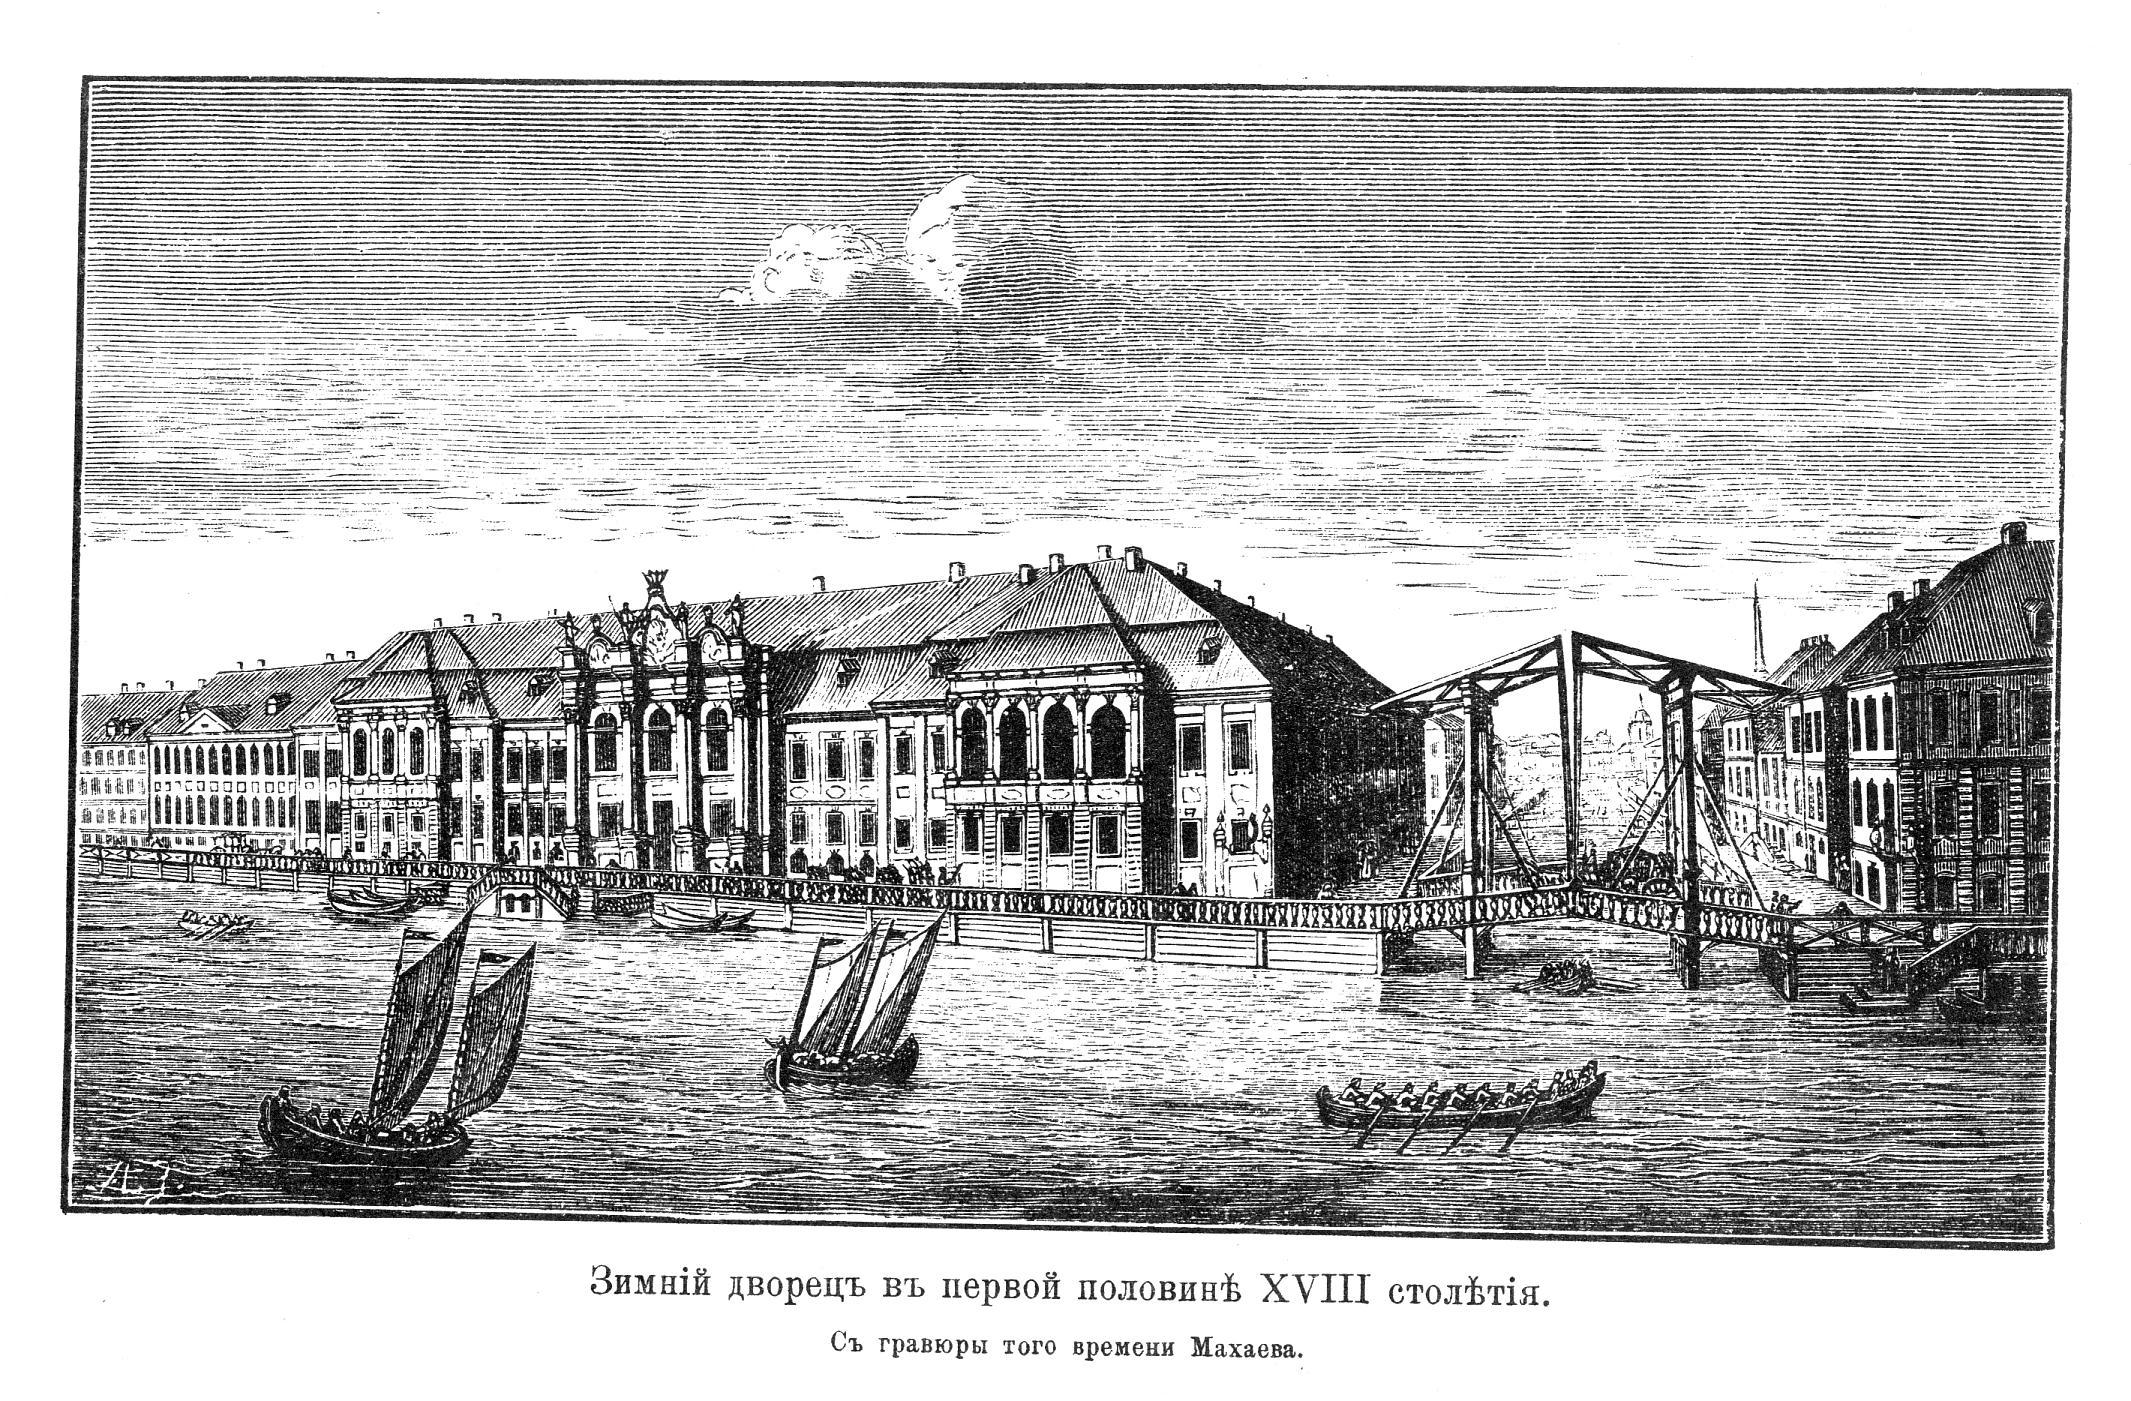 Зимний дворец в первой половине XVIII столетия